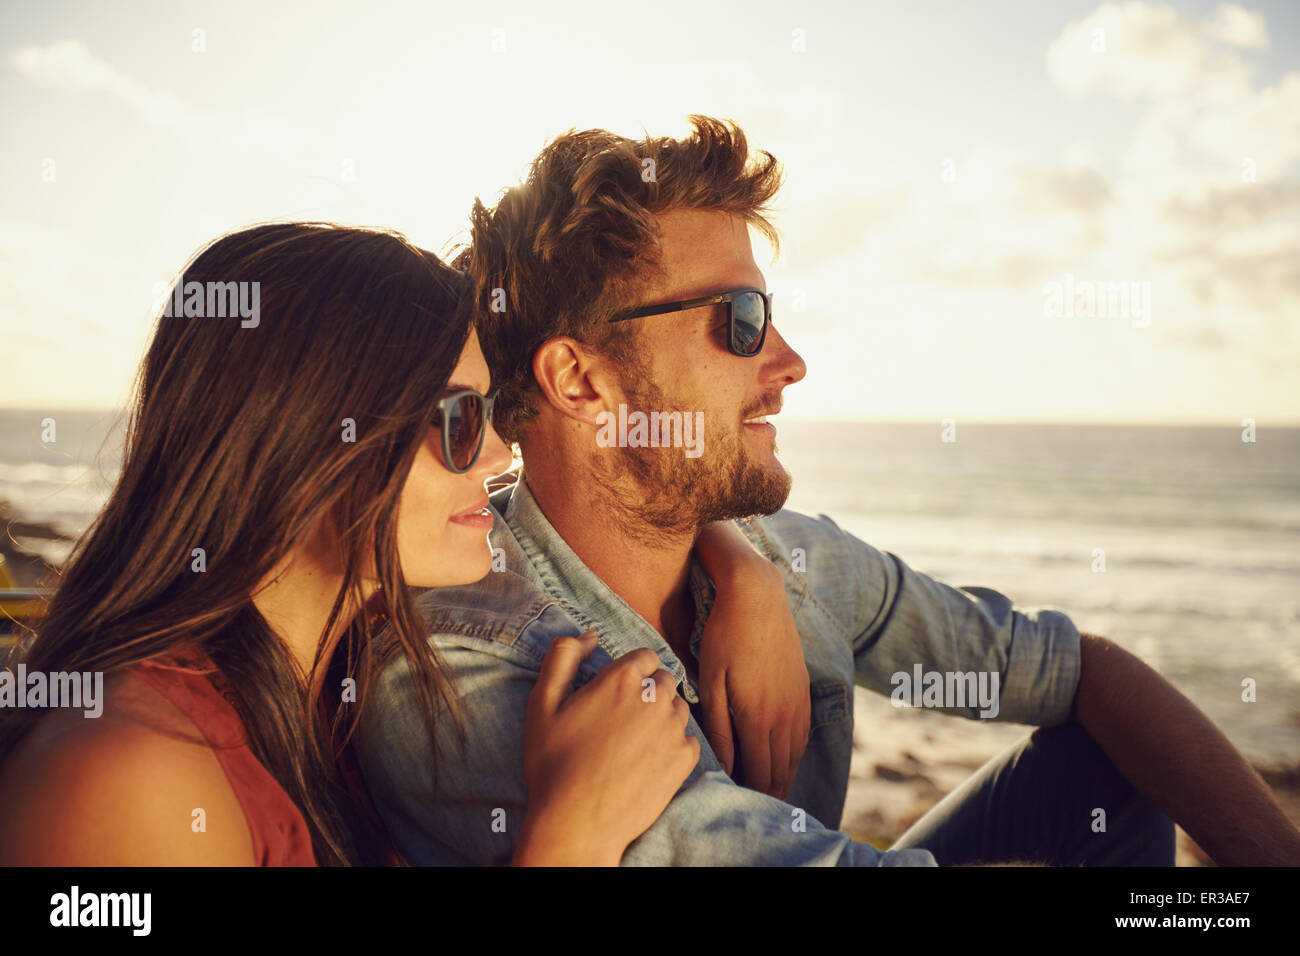 Schöne junge Paar zusammen im Freien an einem Sommertag. Kaukasische Paar genießt Blick auf den Strand, Stockbild